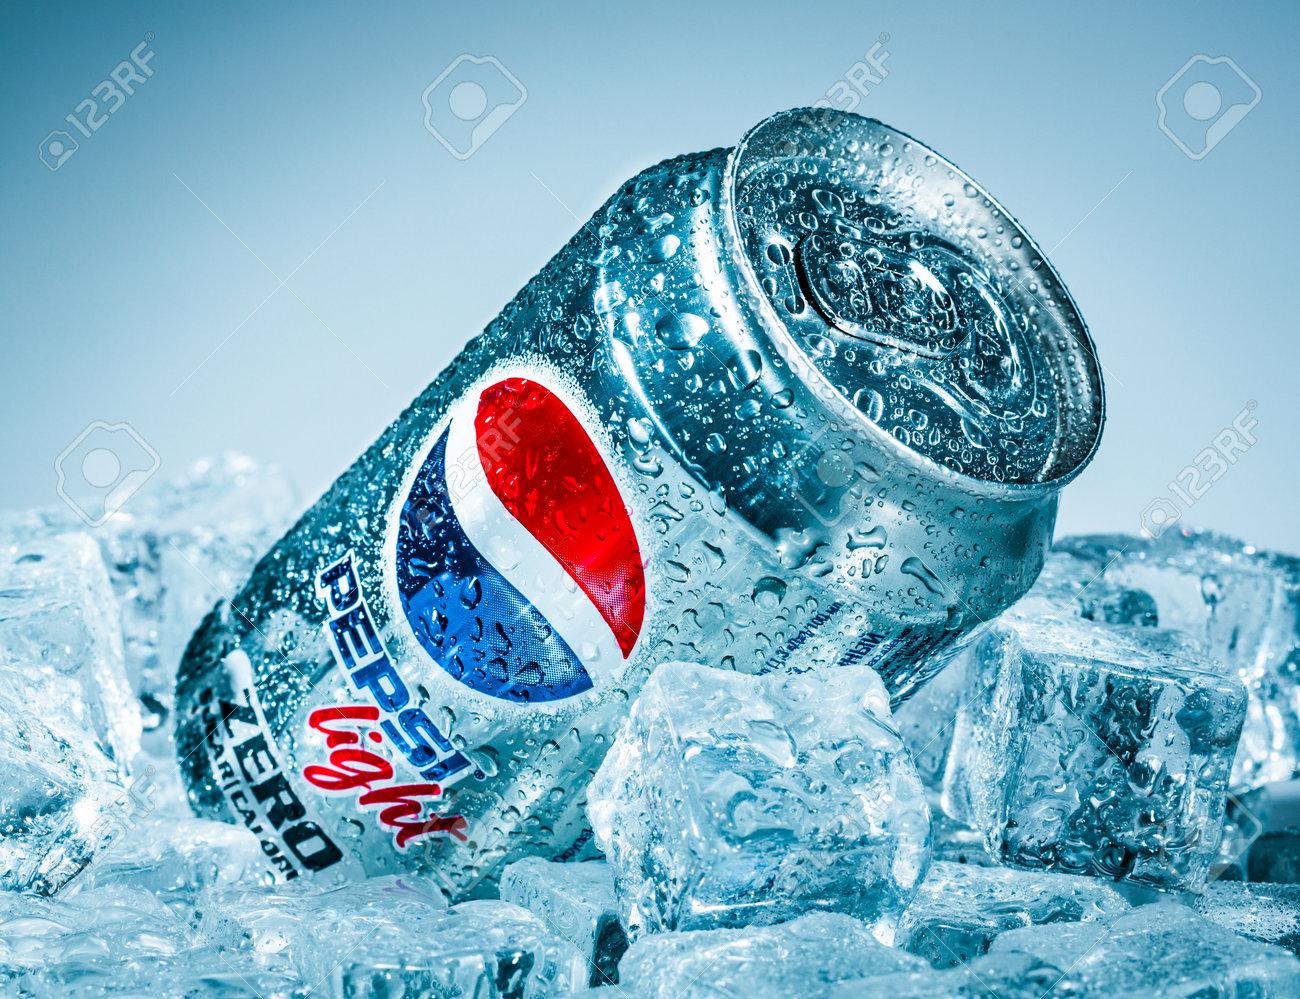 MOSCÚ, RUSIA, 04 de abril 2014: Lata de Pepsi Cola Lignt en hielo  Pepsi es  un refresco carbonatado que se produce y fabricado por PepsiCo  Creado y